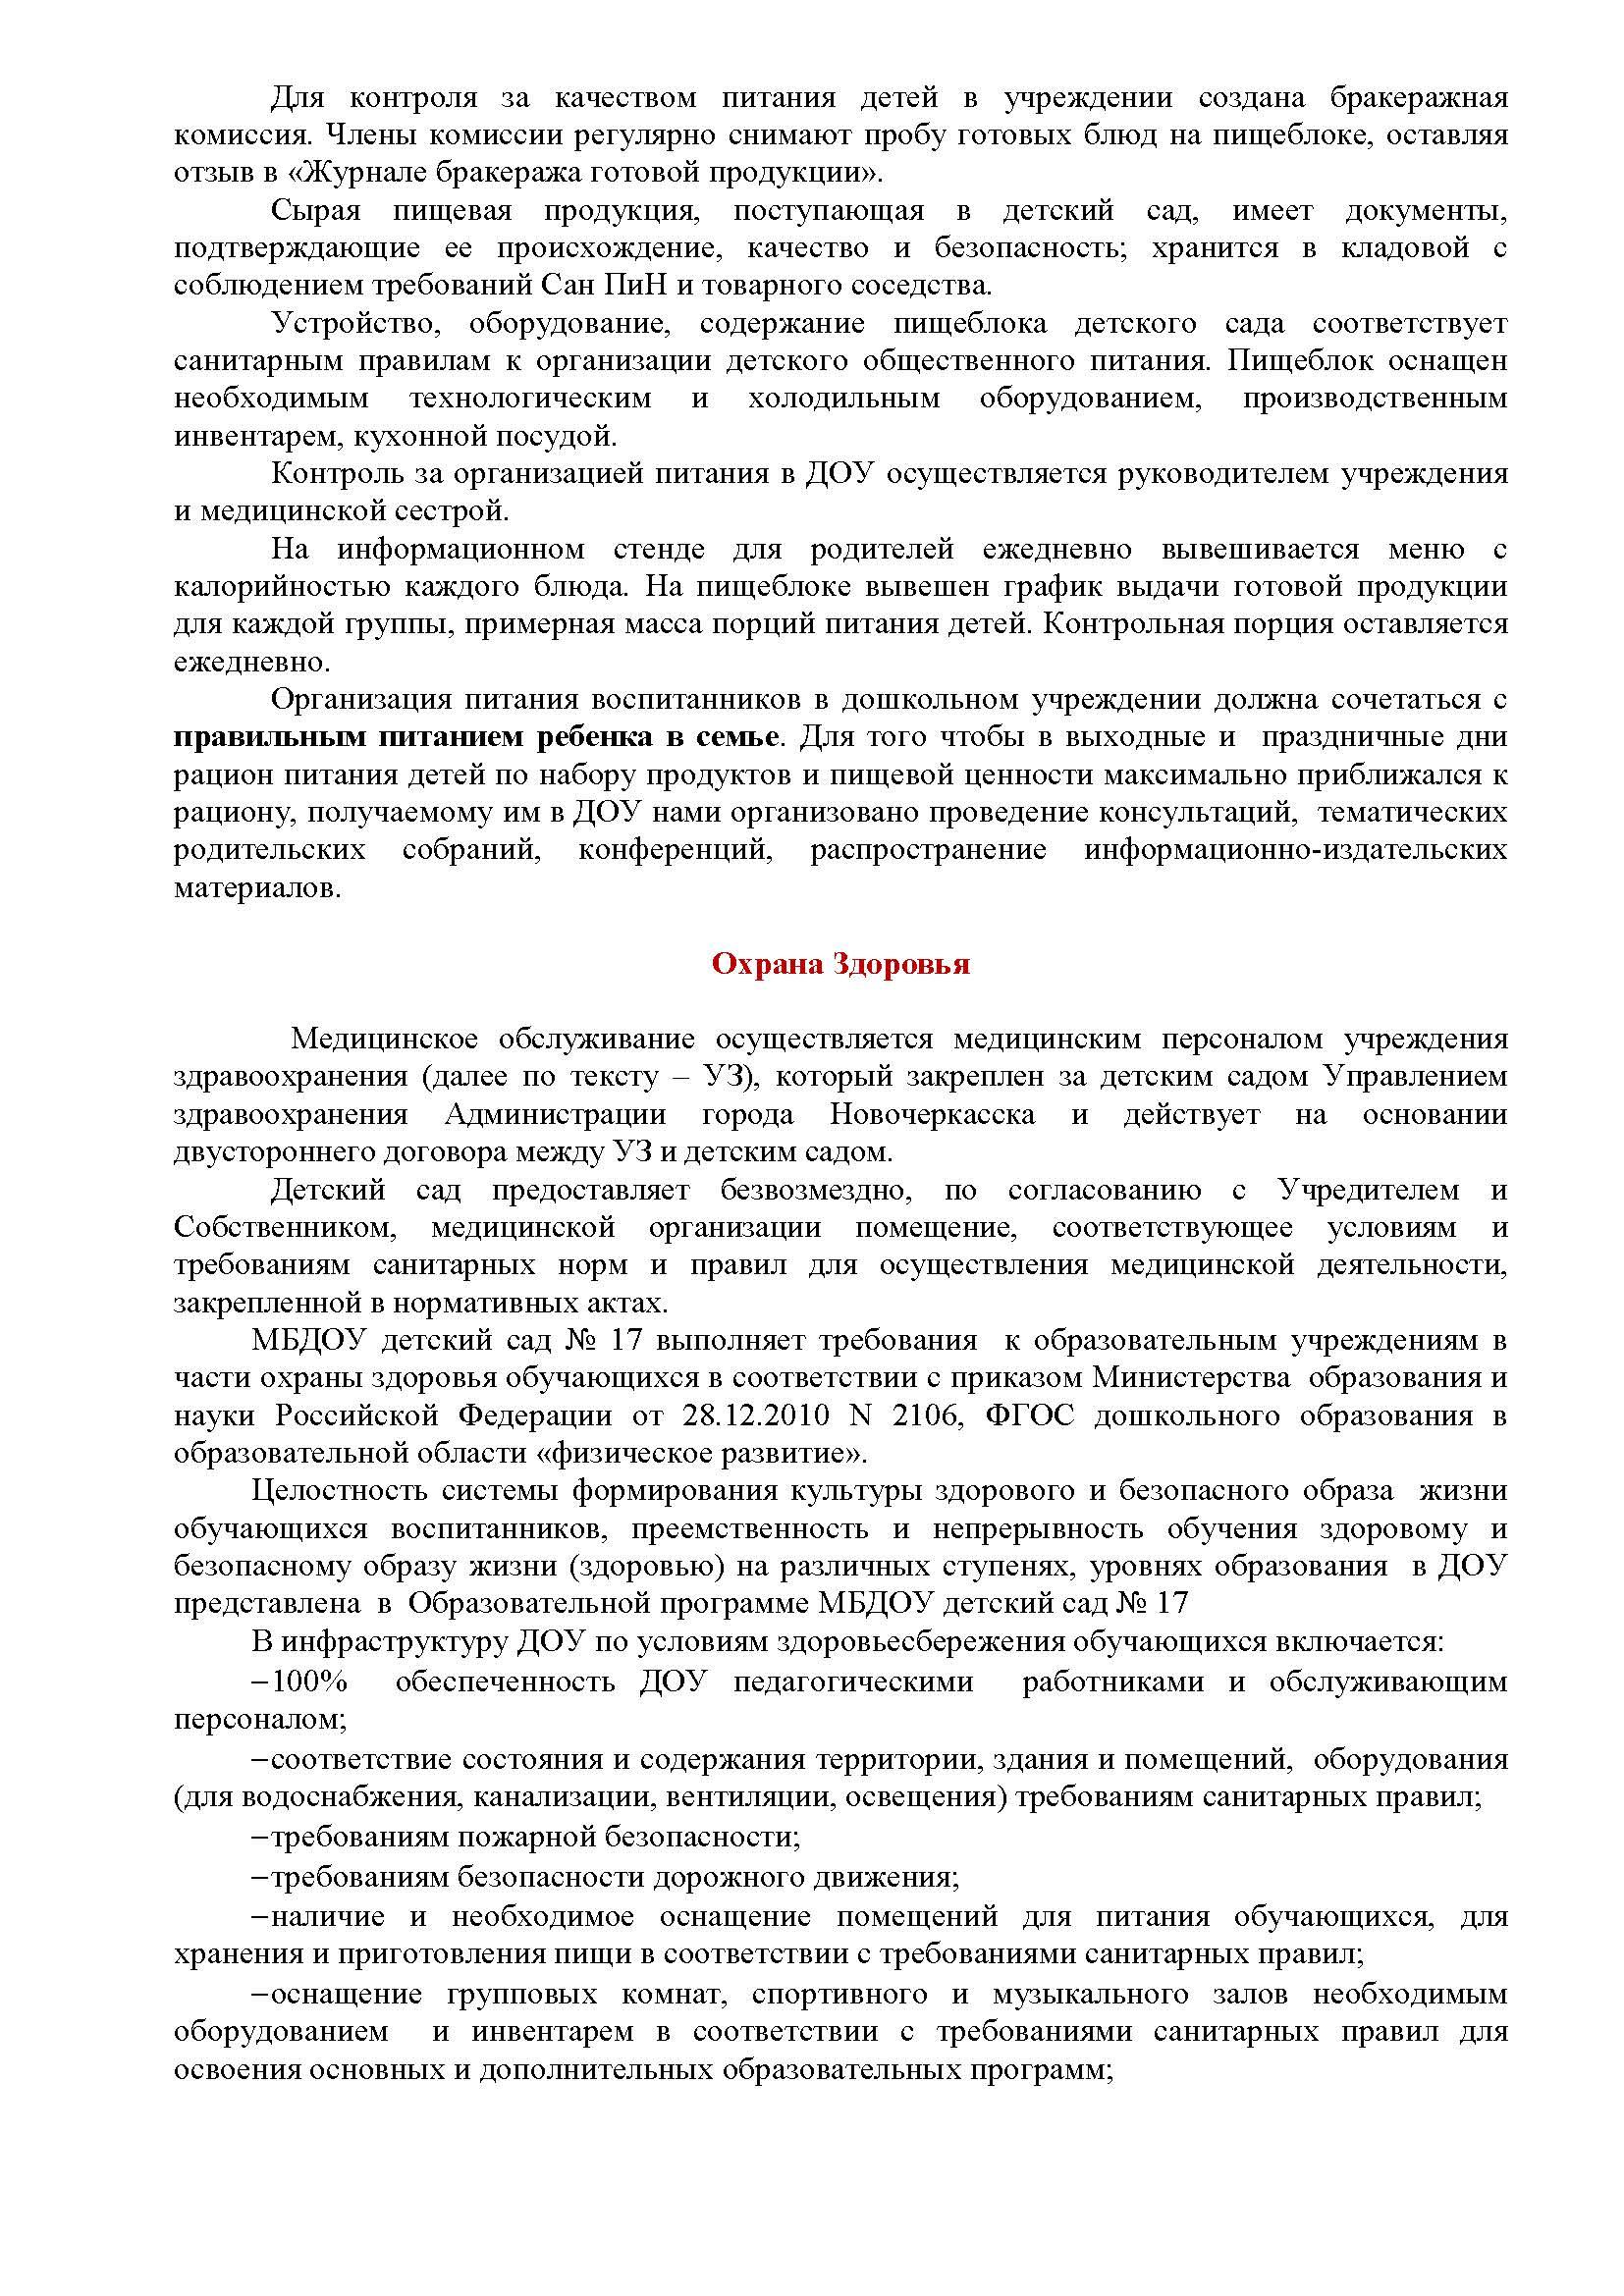 Условия питания и охраны здоровья обучающихся_Страница_3